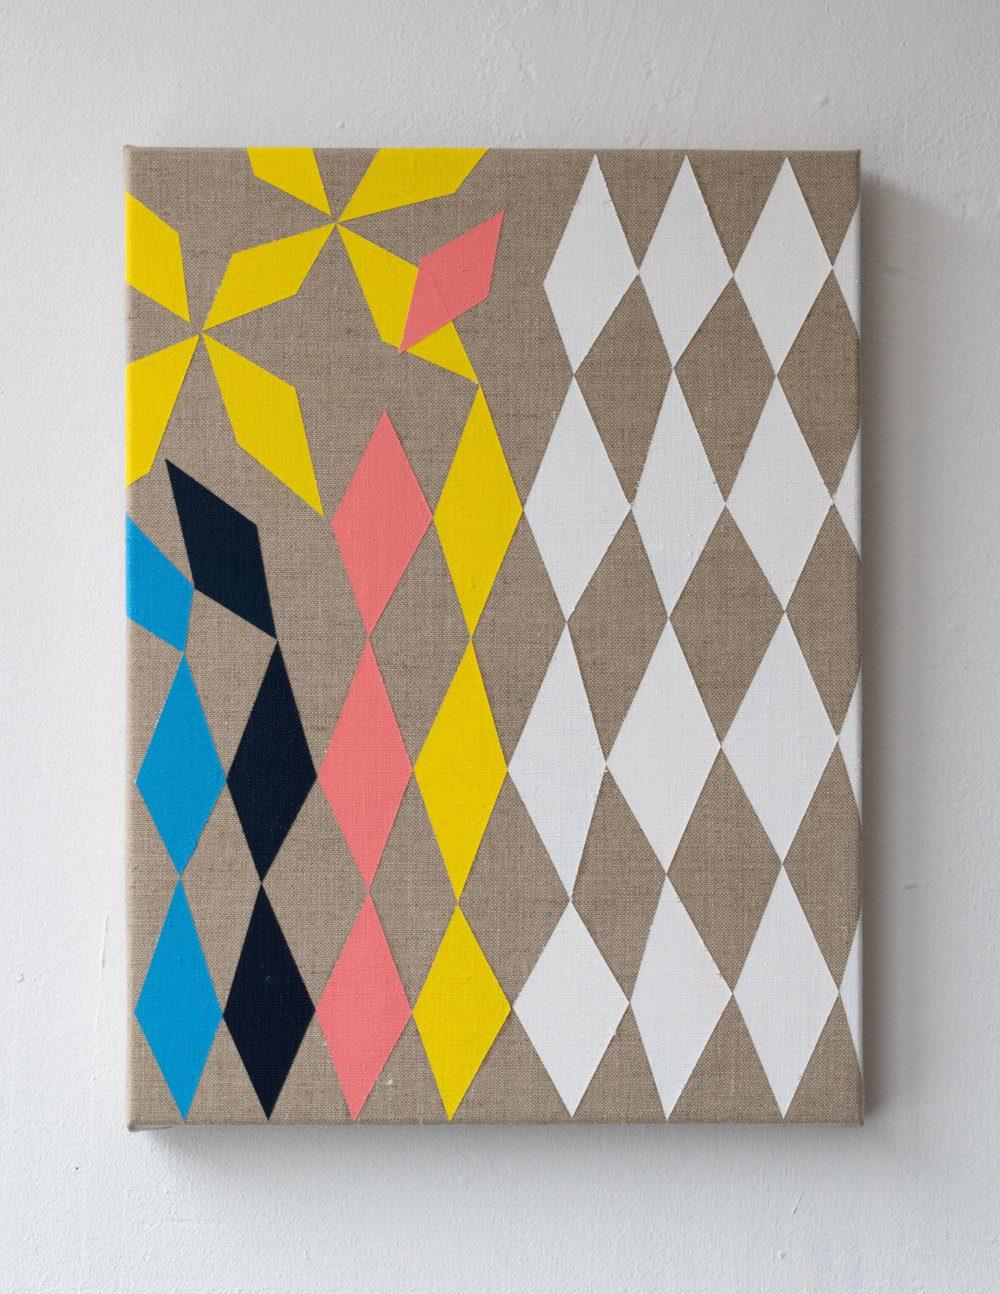 Harry Markusse Untitled 2019 40 x 30 cm Acrylverf op linnen